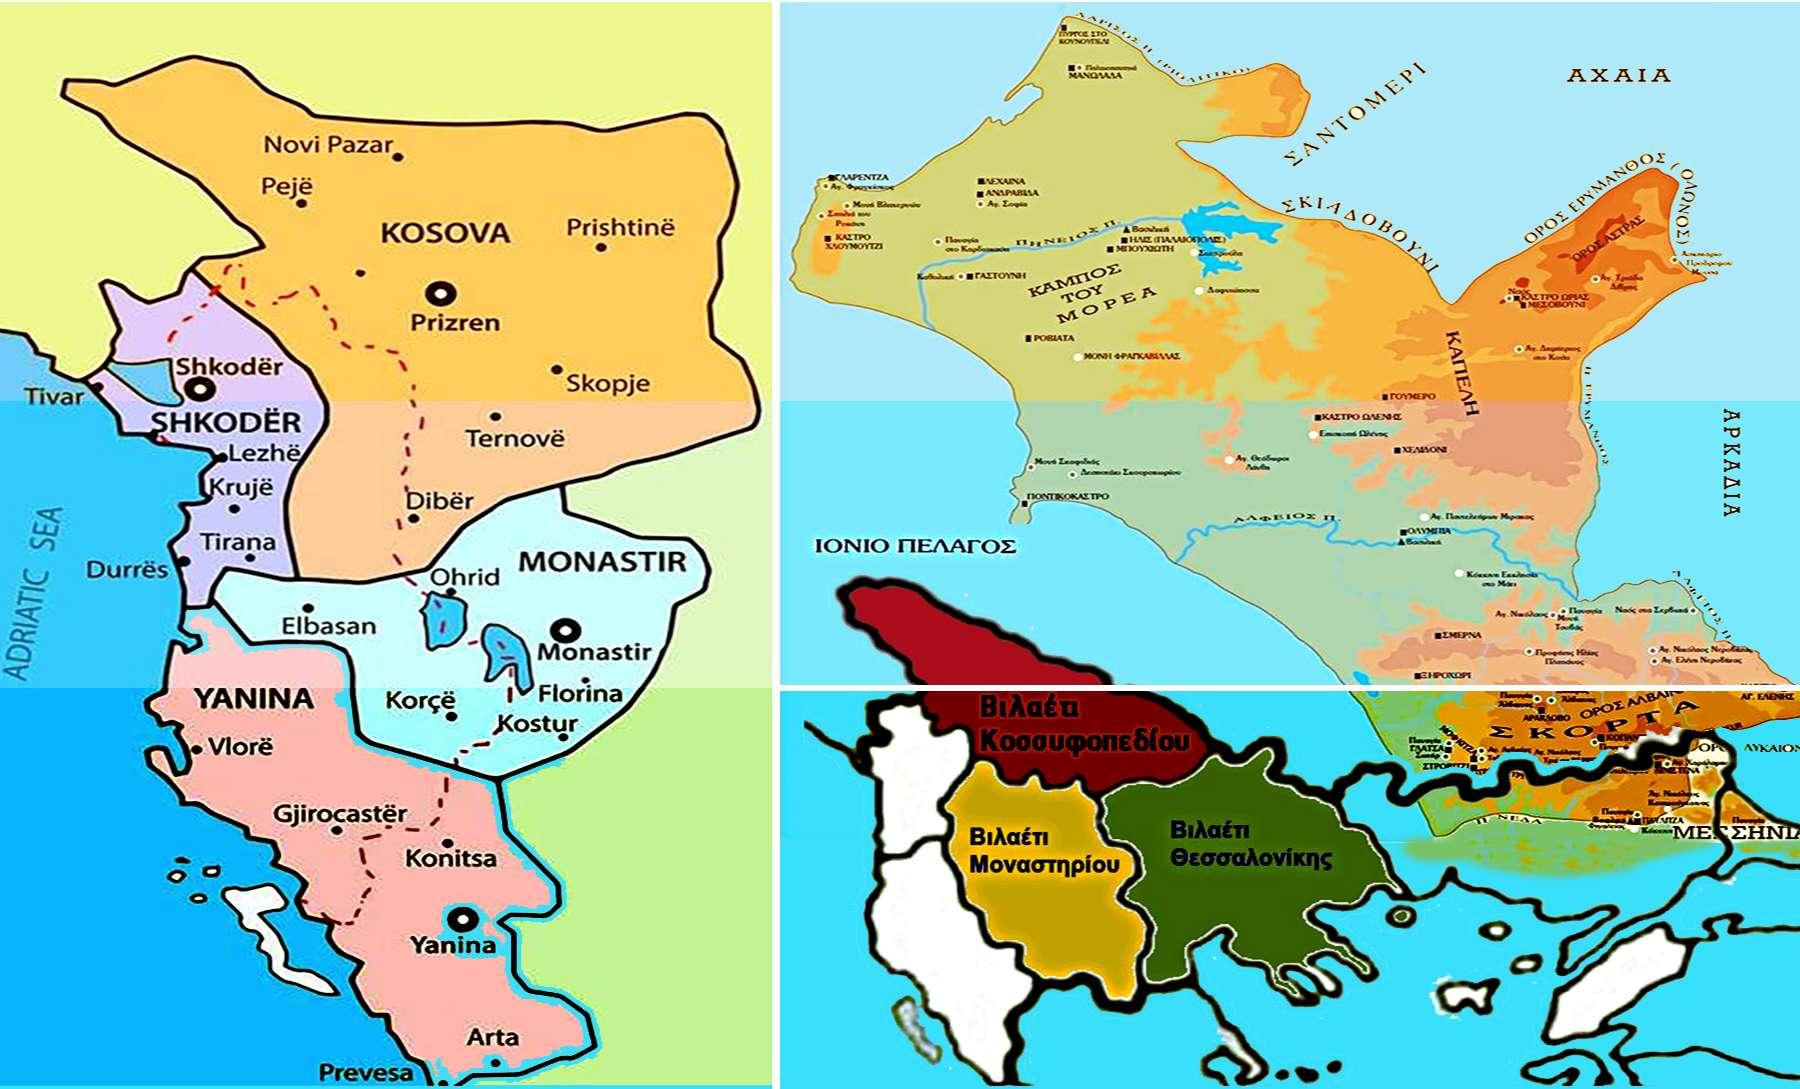 ιδιοκτησία γης στον ελλαδικό χώρο της Οθωμανικής Αυτοκρατορίας